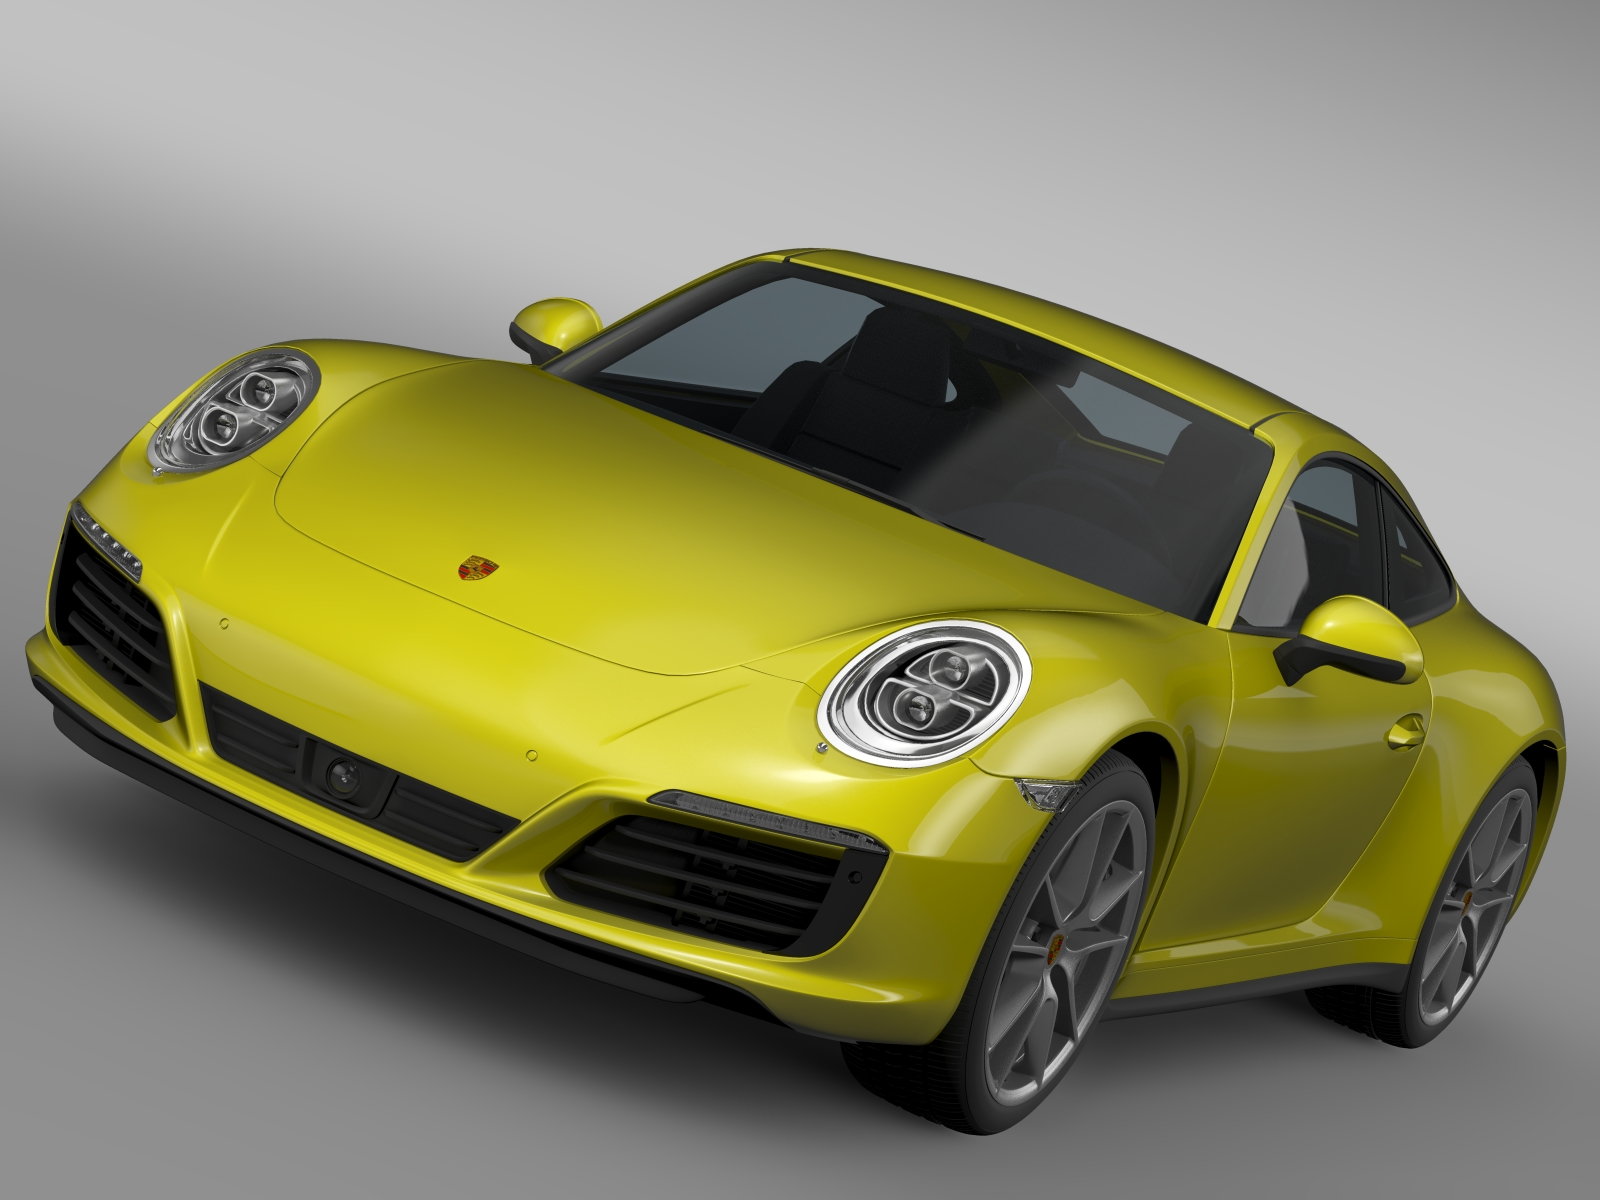 porsche 911 carrera 4 coupe 991 2016 3d model 3ds max fbx c4d lwo ma mb hrc xsi obj 219179